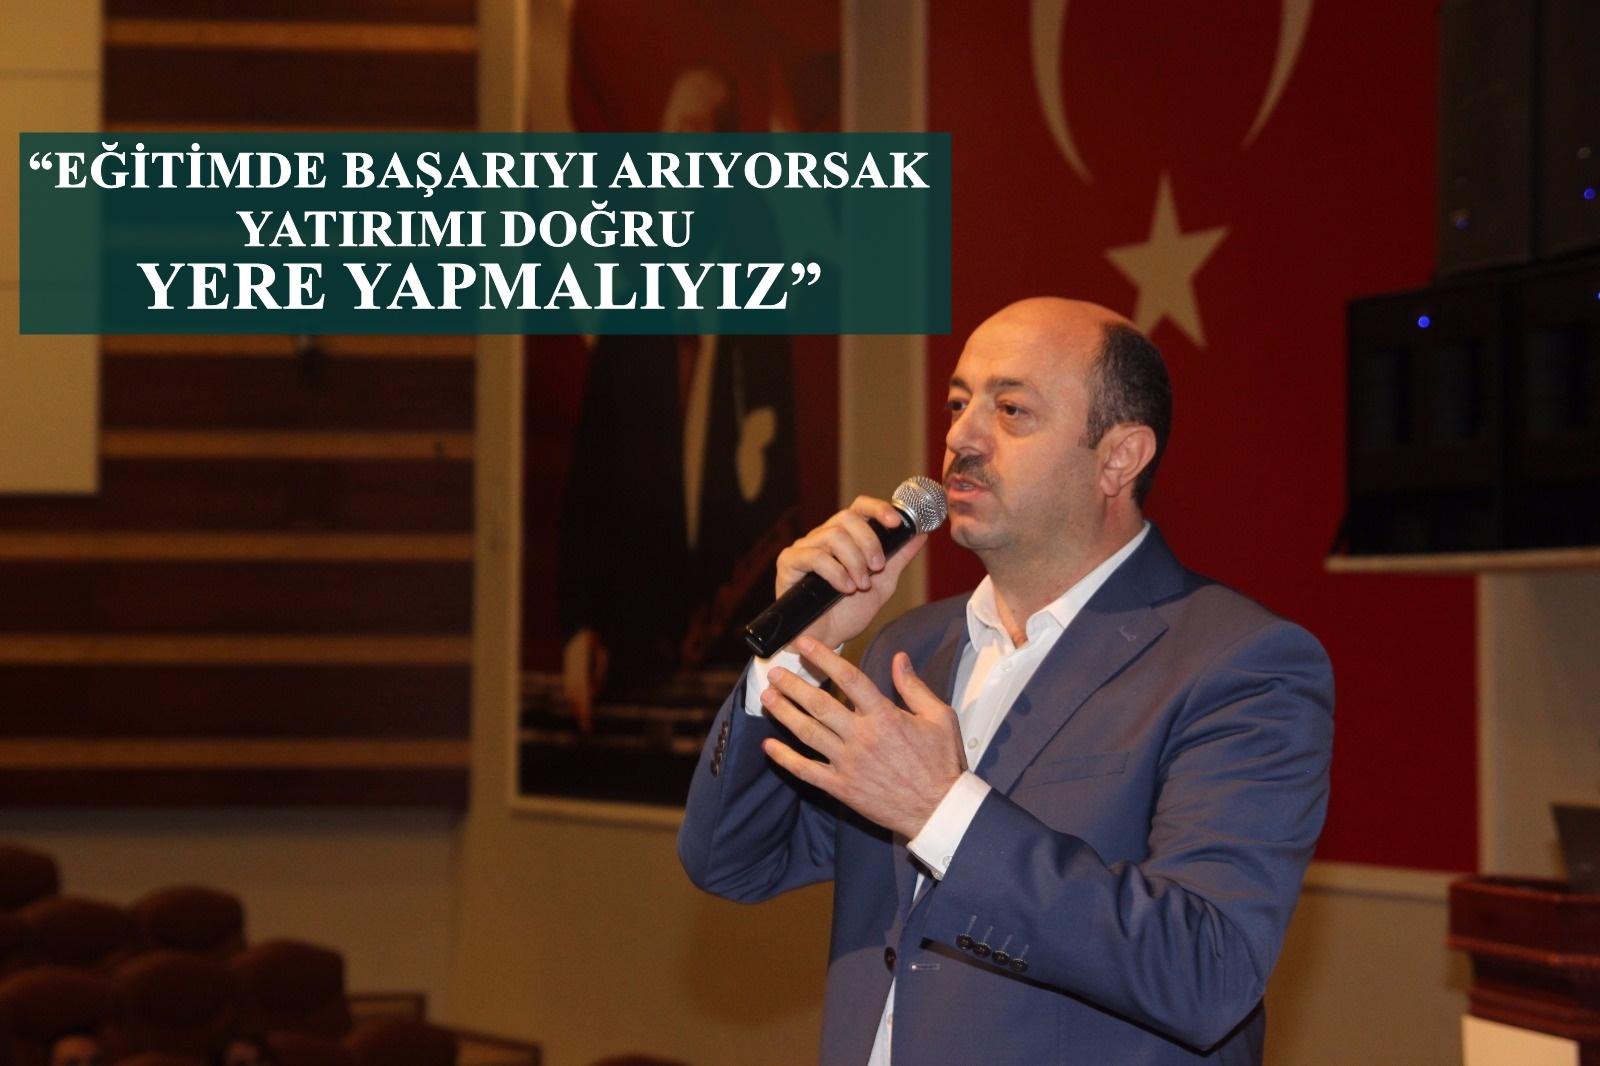 STAJYERLİKTE USTA-ÇIRAK YÖNTEMİ, DOĞRU ADIM!